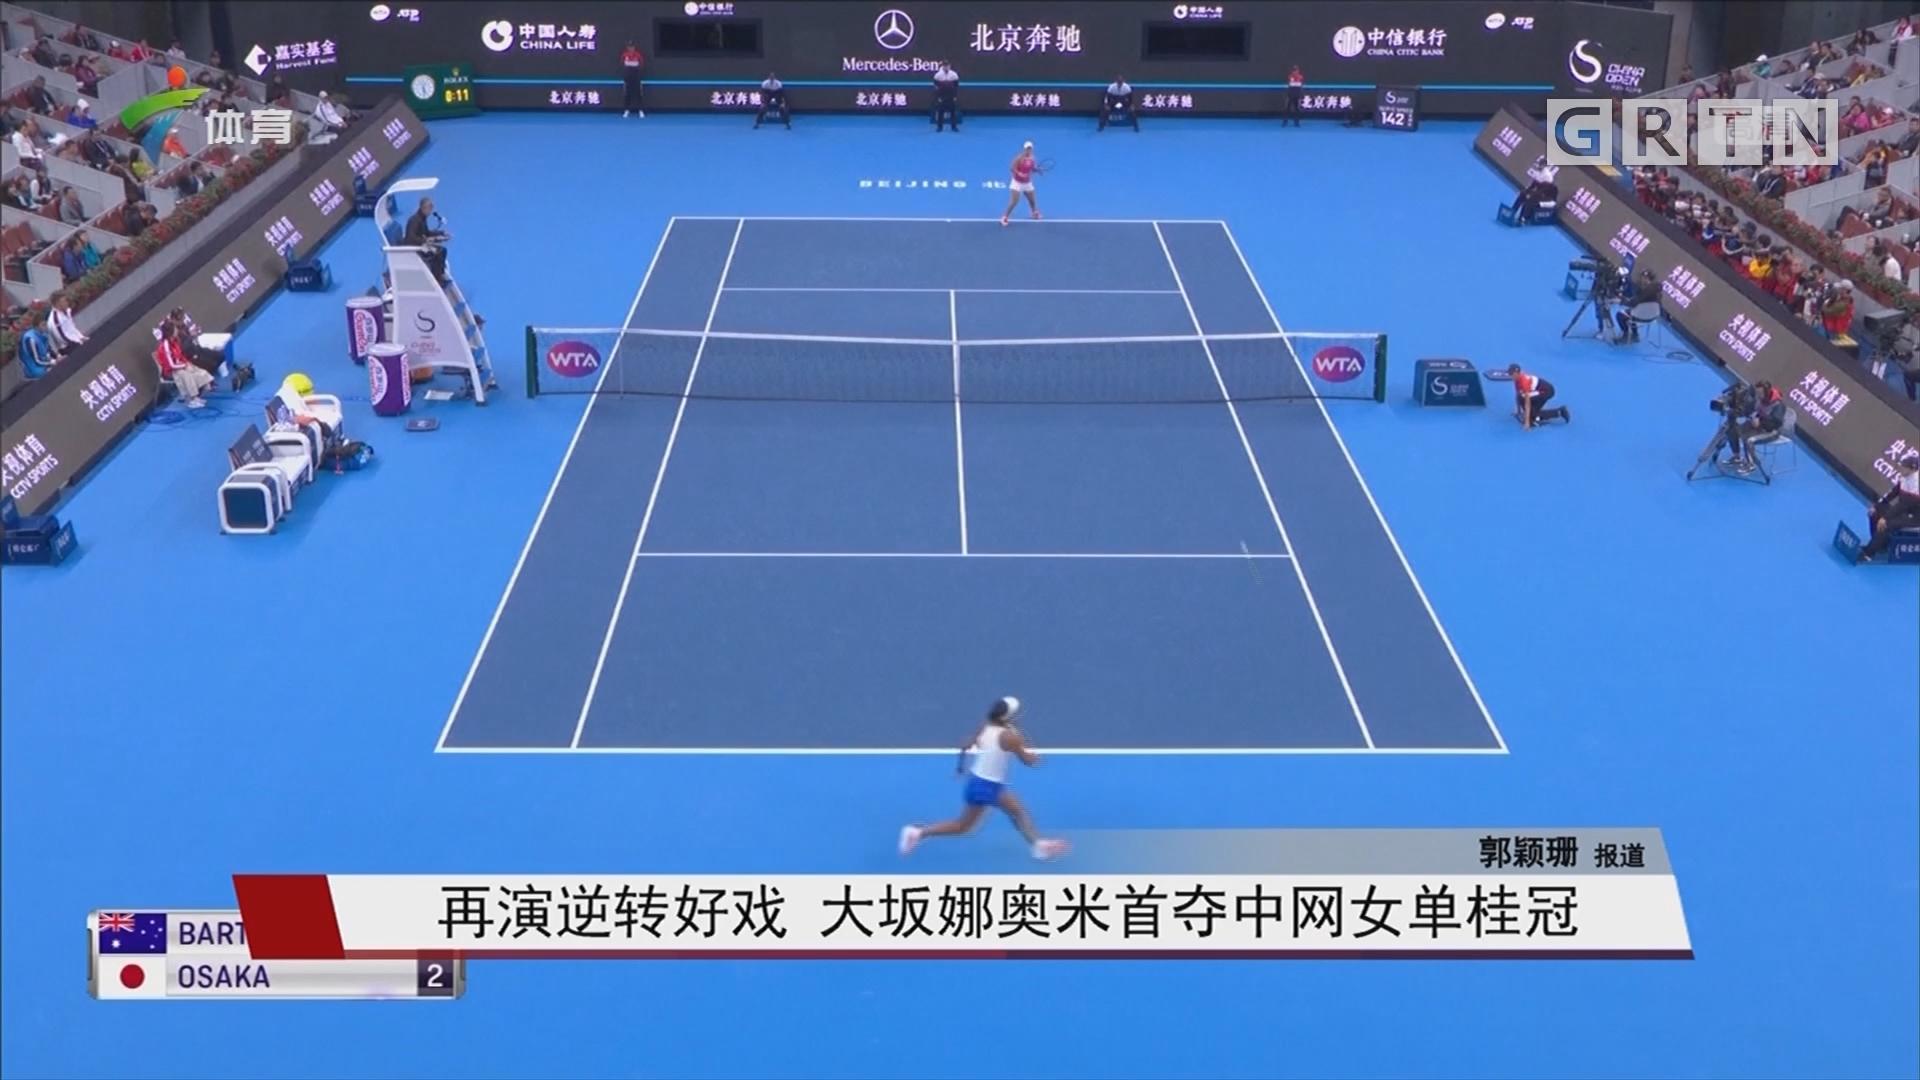 再演逆转好戏 大坂娜奥米首夺中网女单桂冠